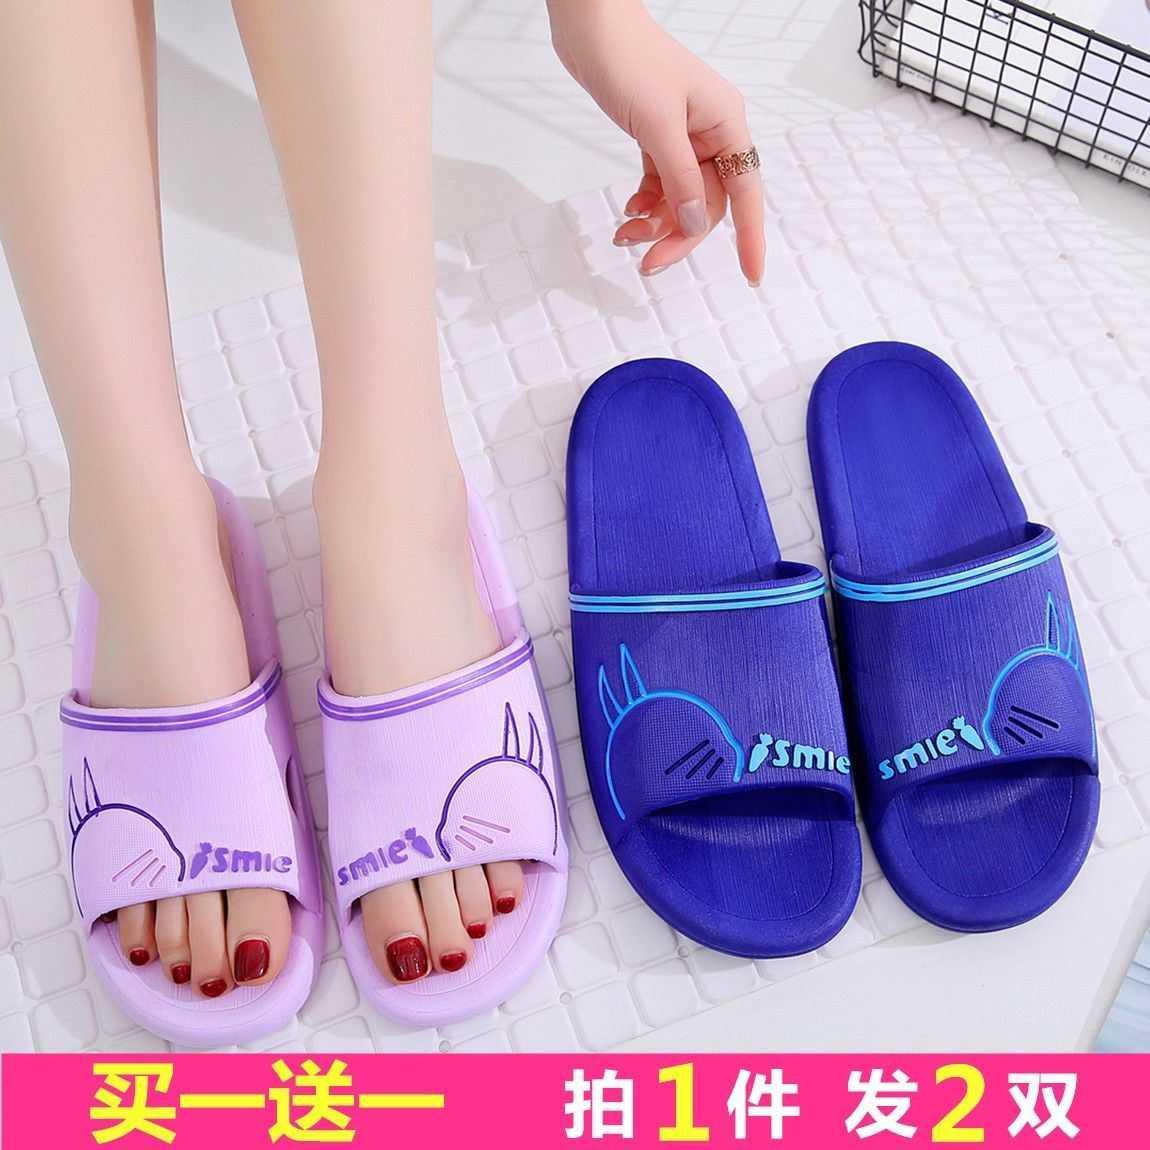 【买一送一】夏季情侣凉拖鞋居家室内防滑洗澡男女士拖鞋耐磨软底